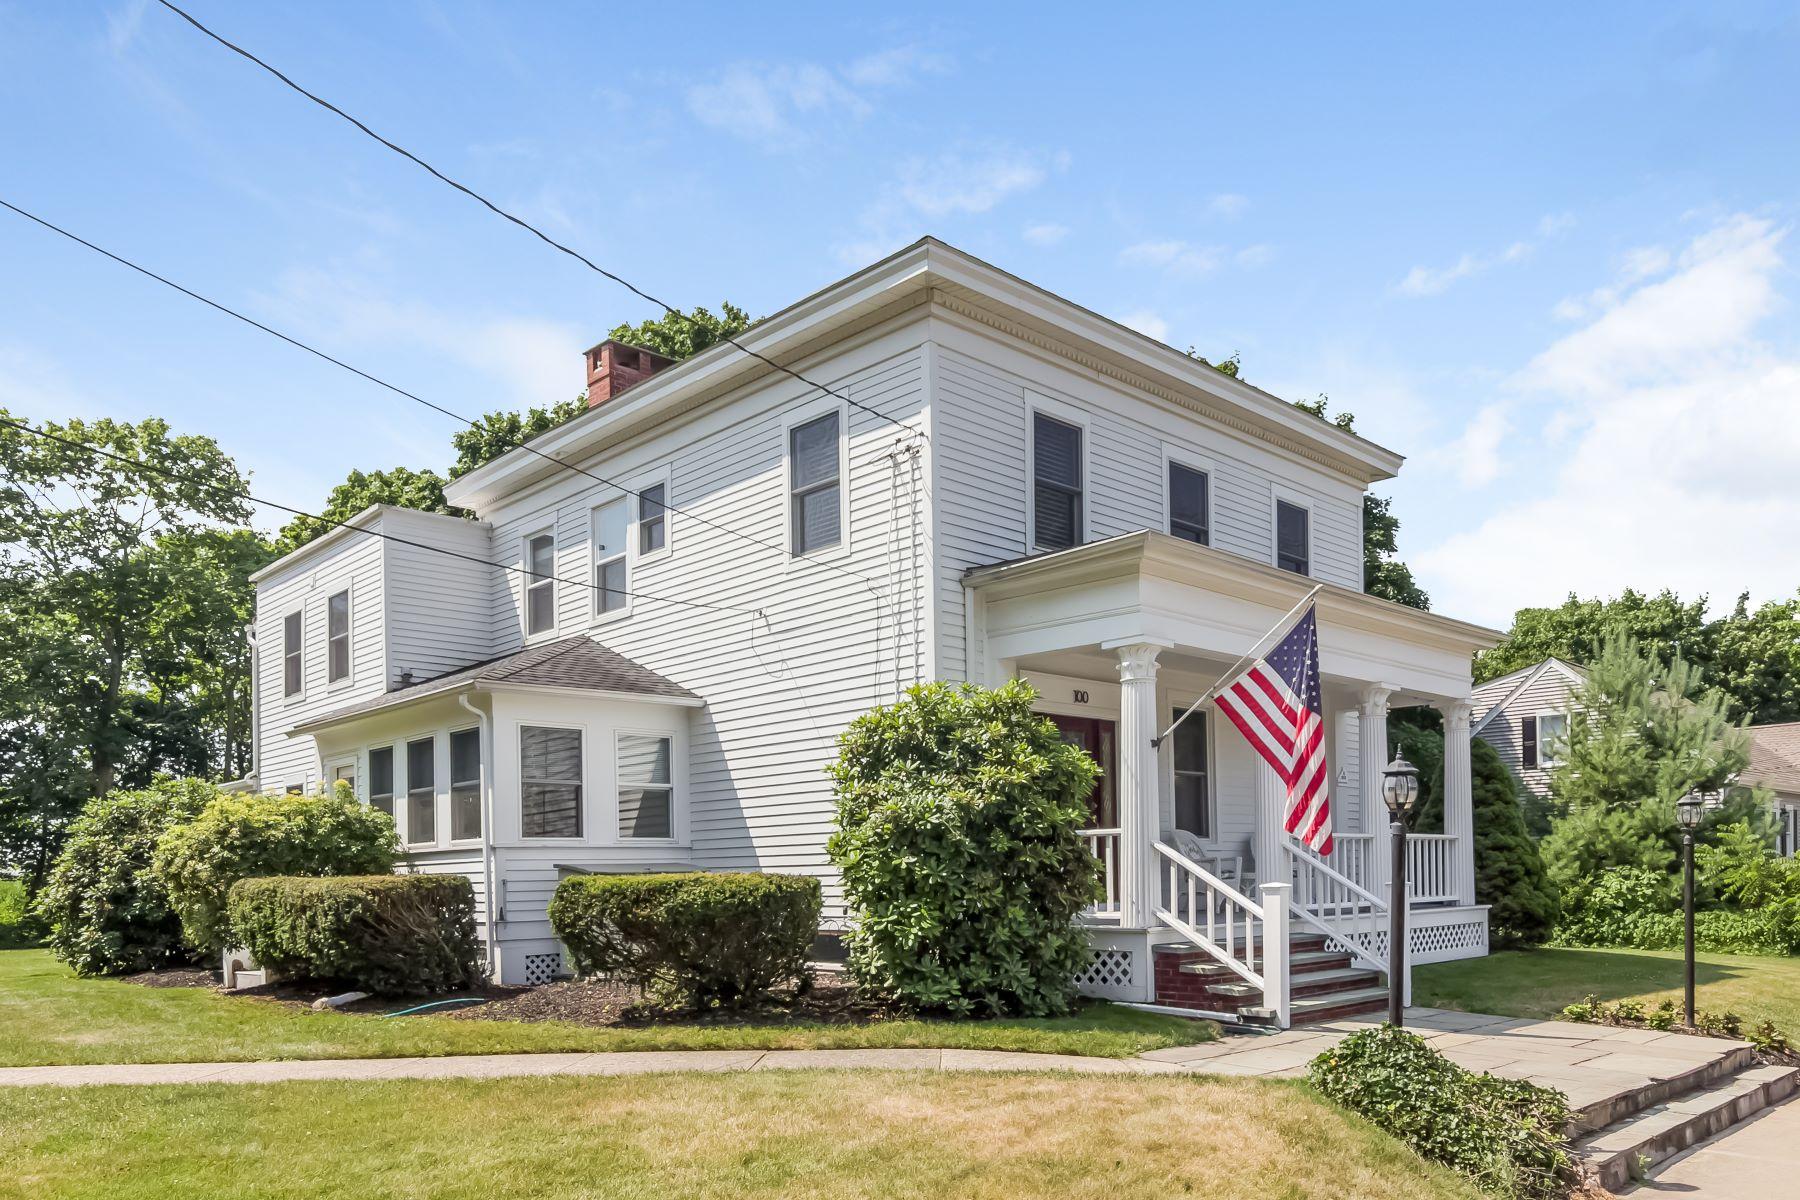 独户住宅 为 销售 在 100 Water Street 100 Water Street 吉尔福德, 康涅狄格州 06437 美国